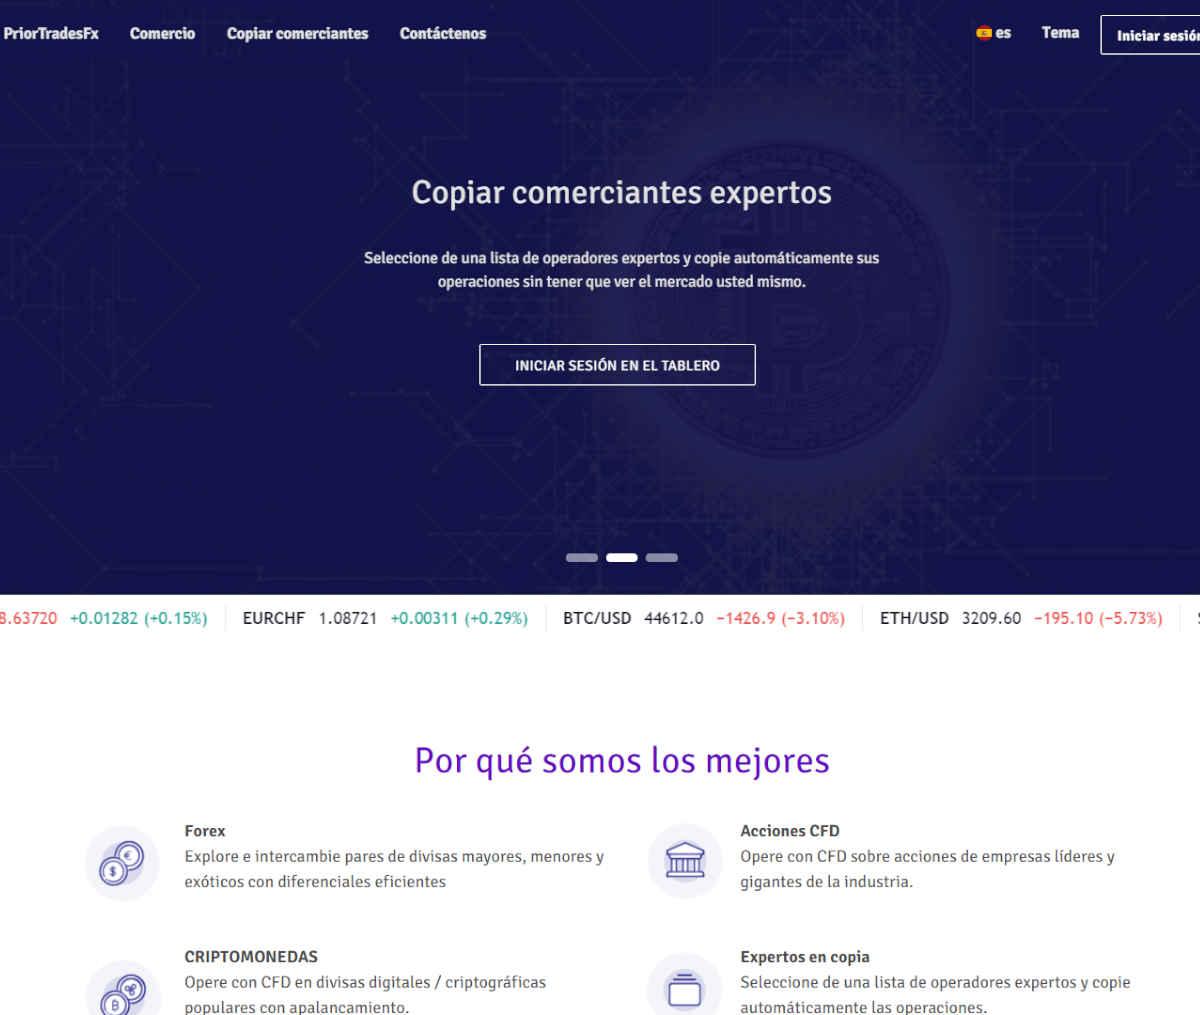 Página web de PriorTradesFx